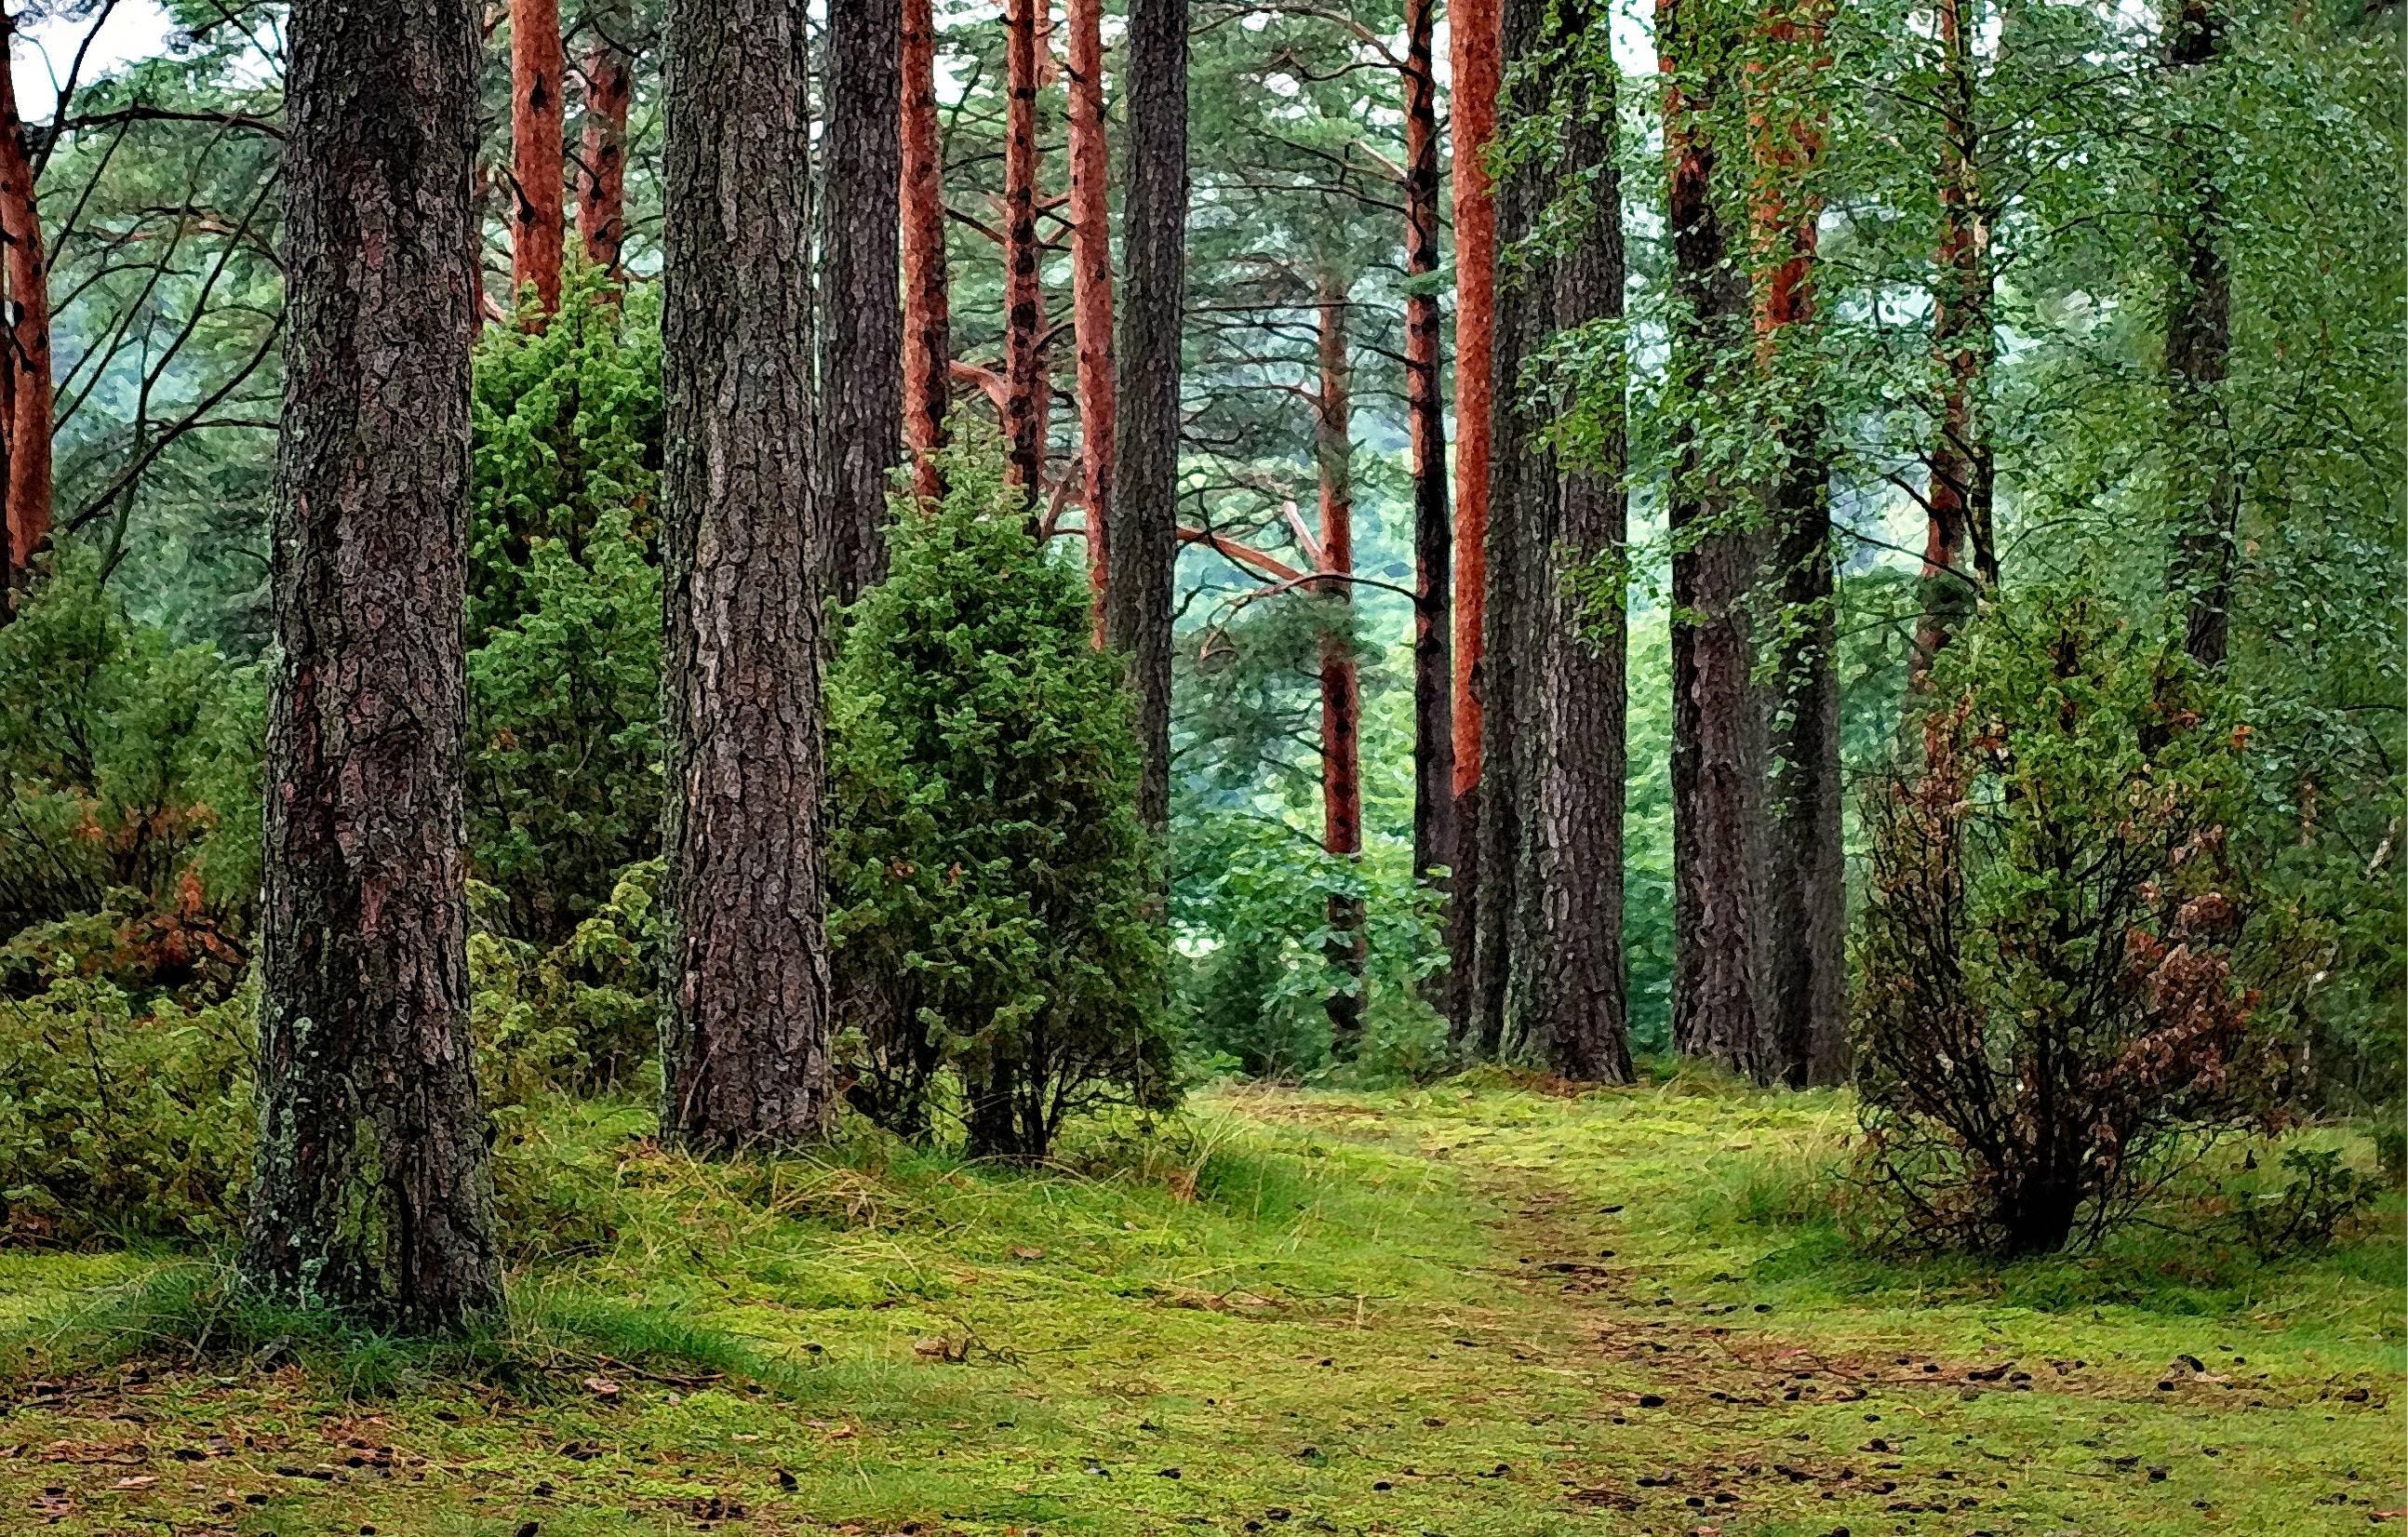 Bosque con distintos tipos de árbol